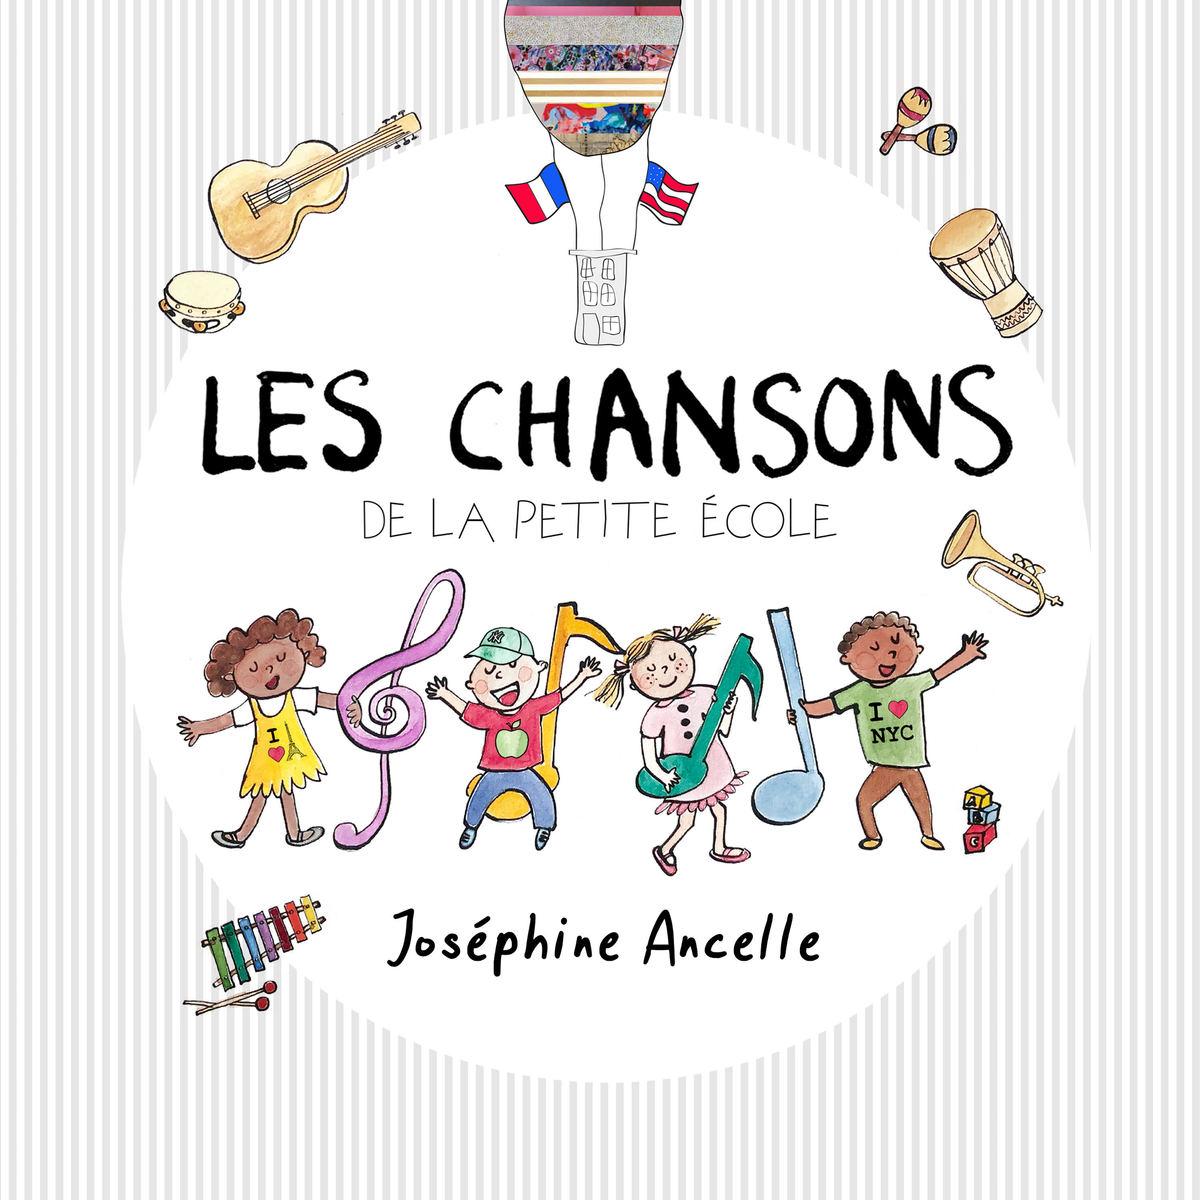 Les Chansons de La Petite Ecole, par Josephine Ancelle